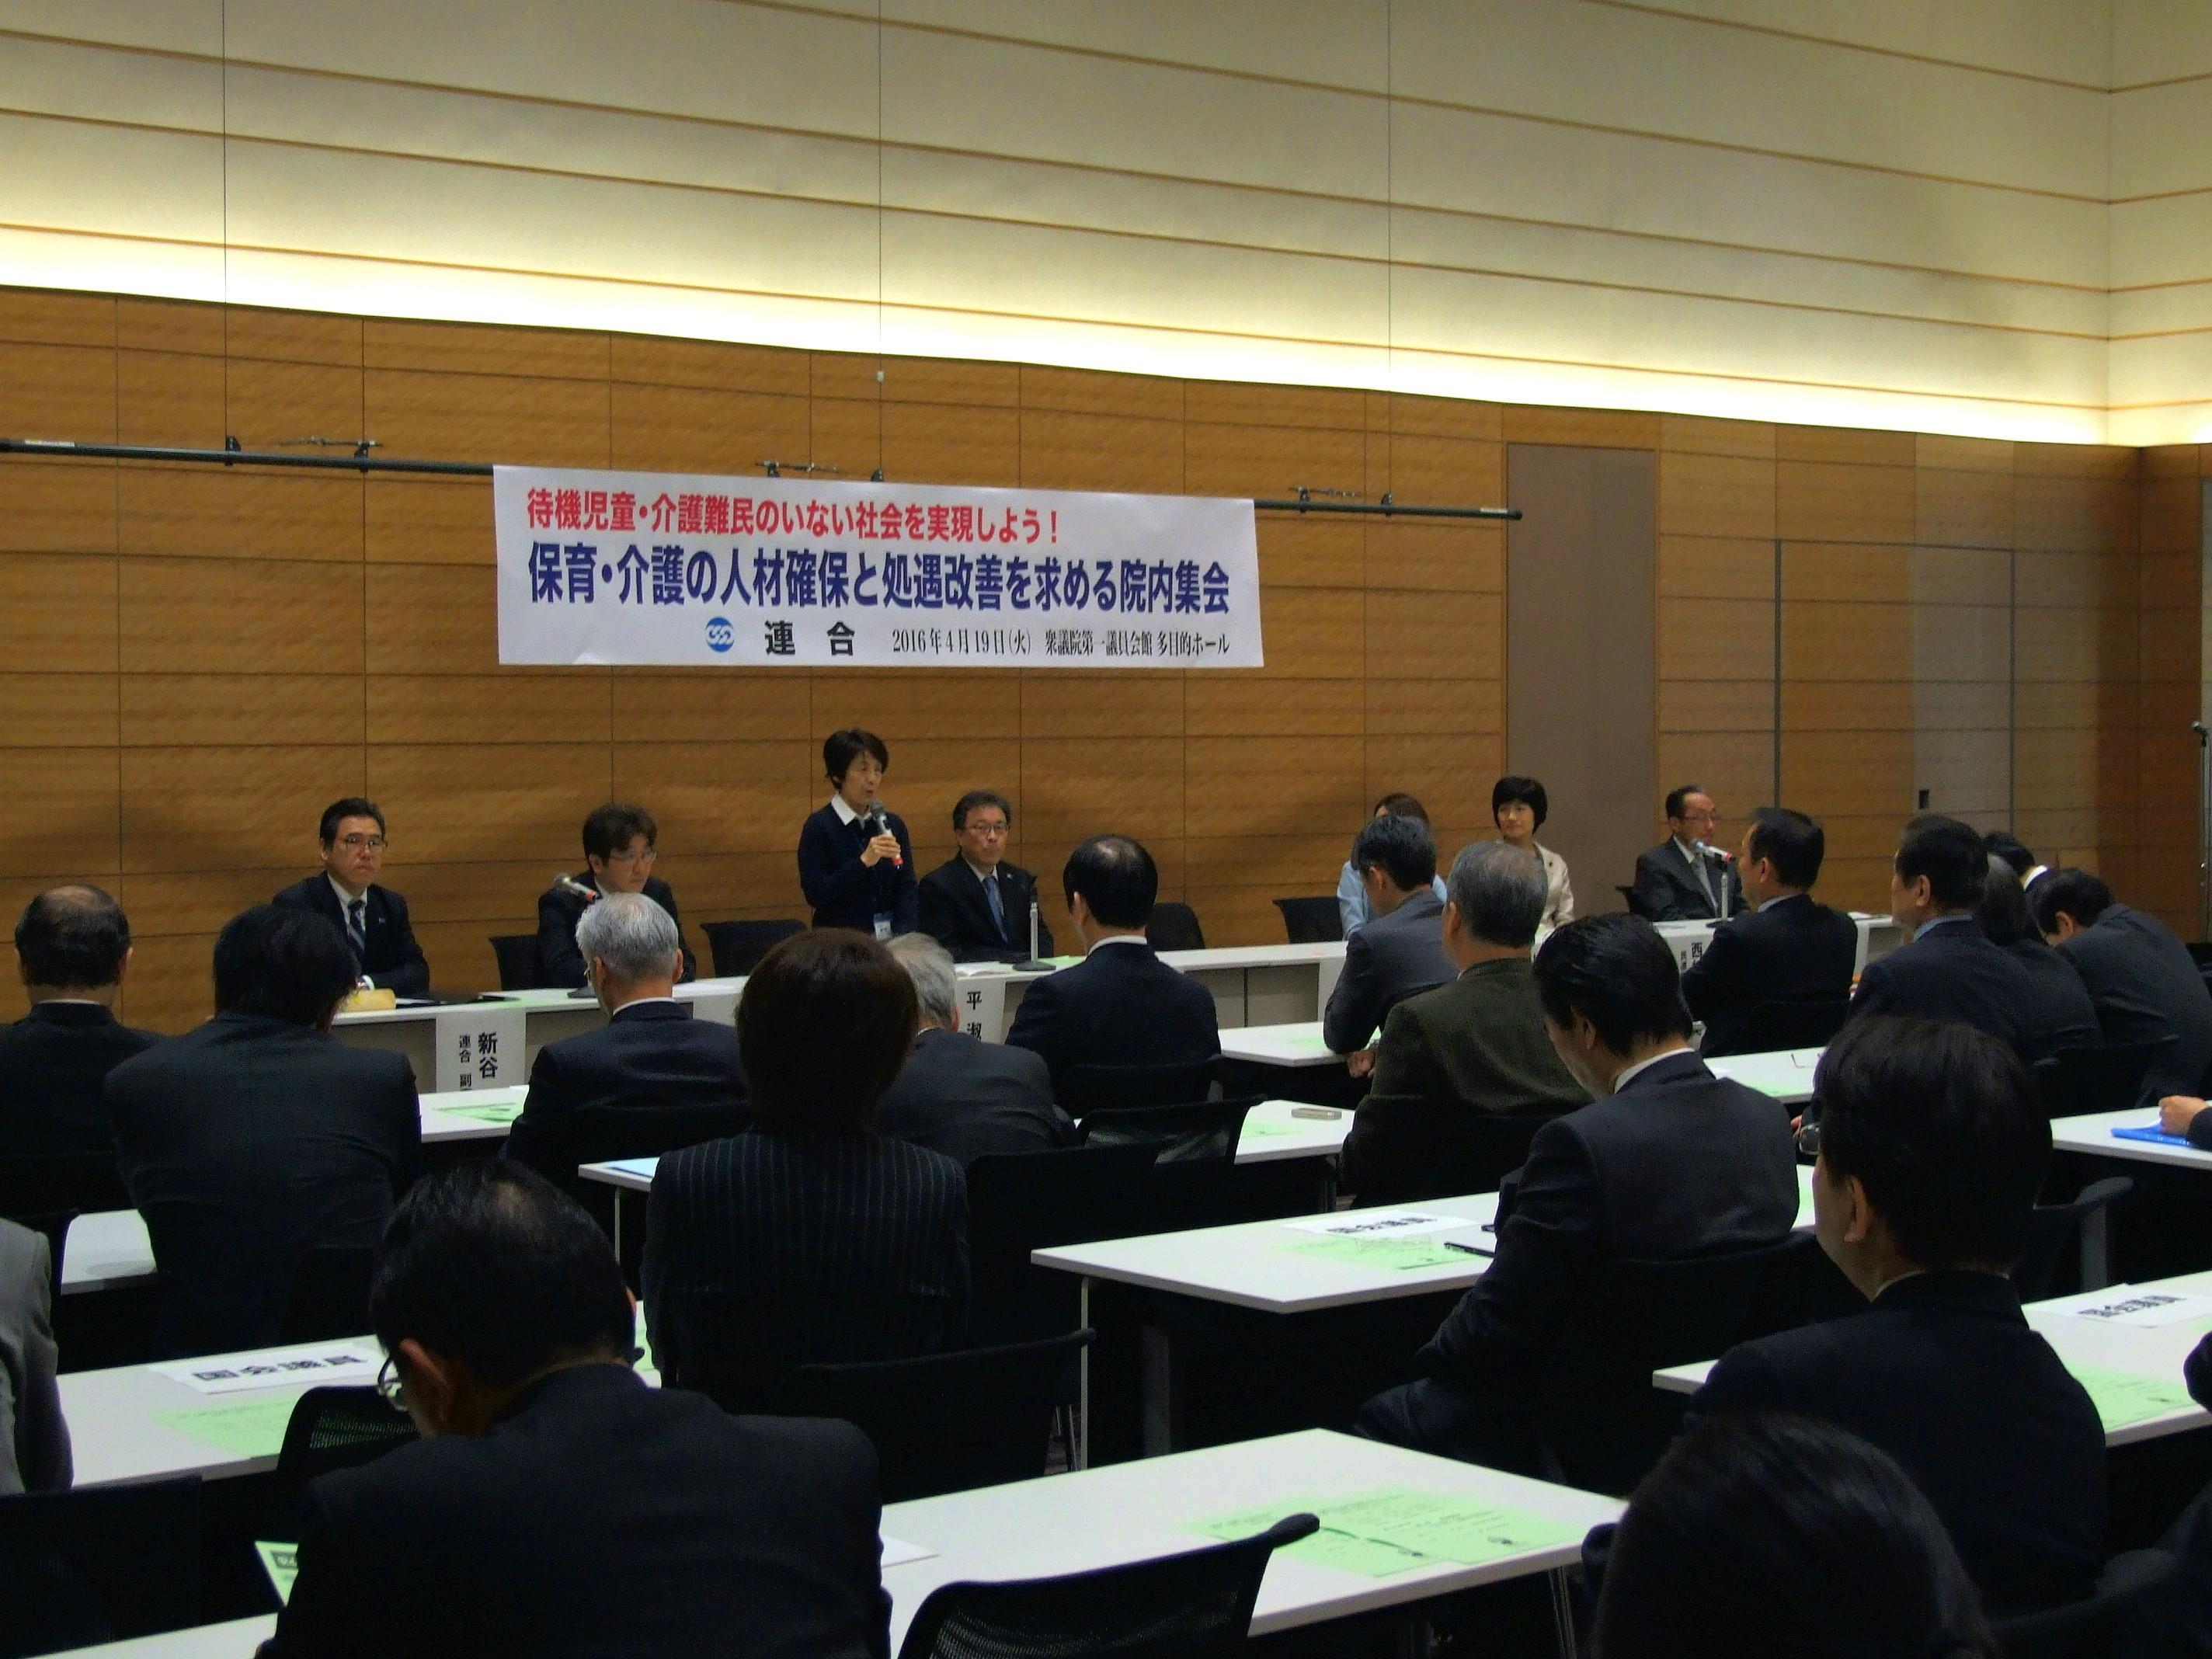 保育・介護の人材確保と処遇改善を求める院内集会